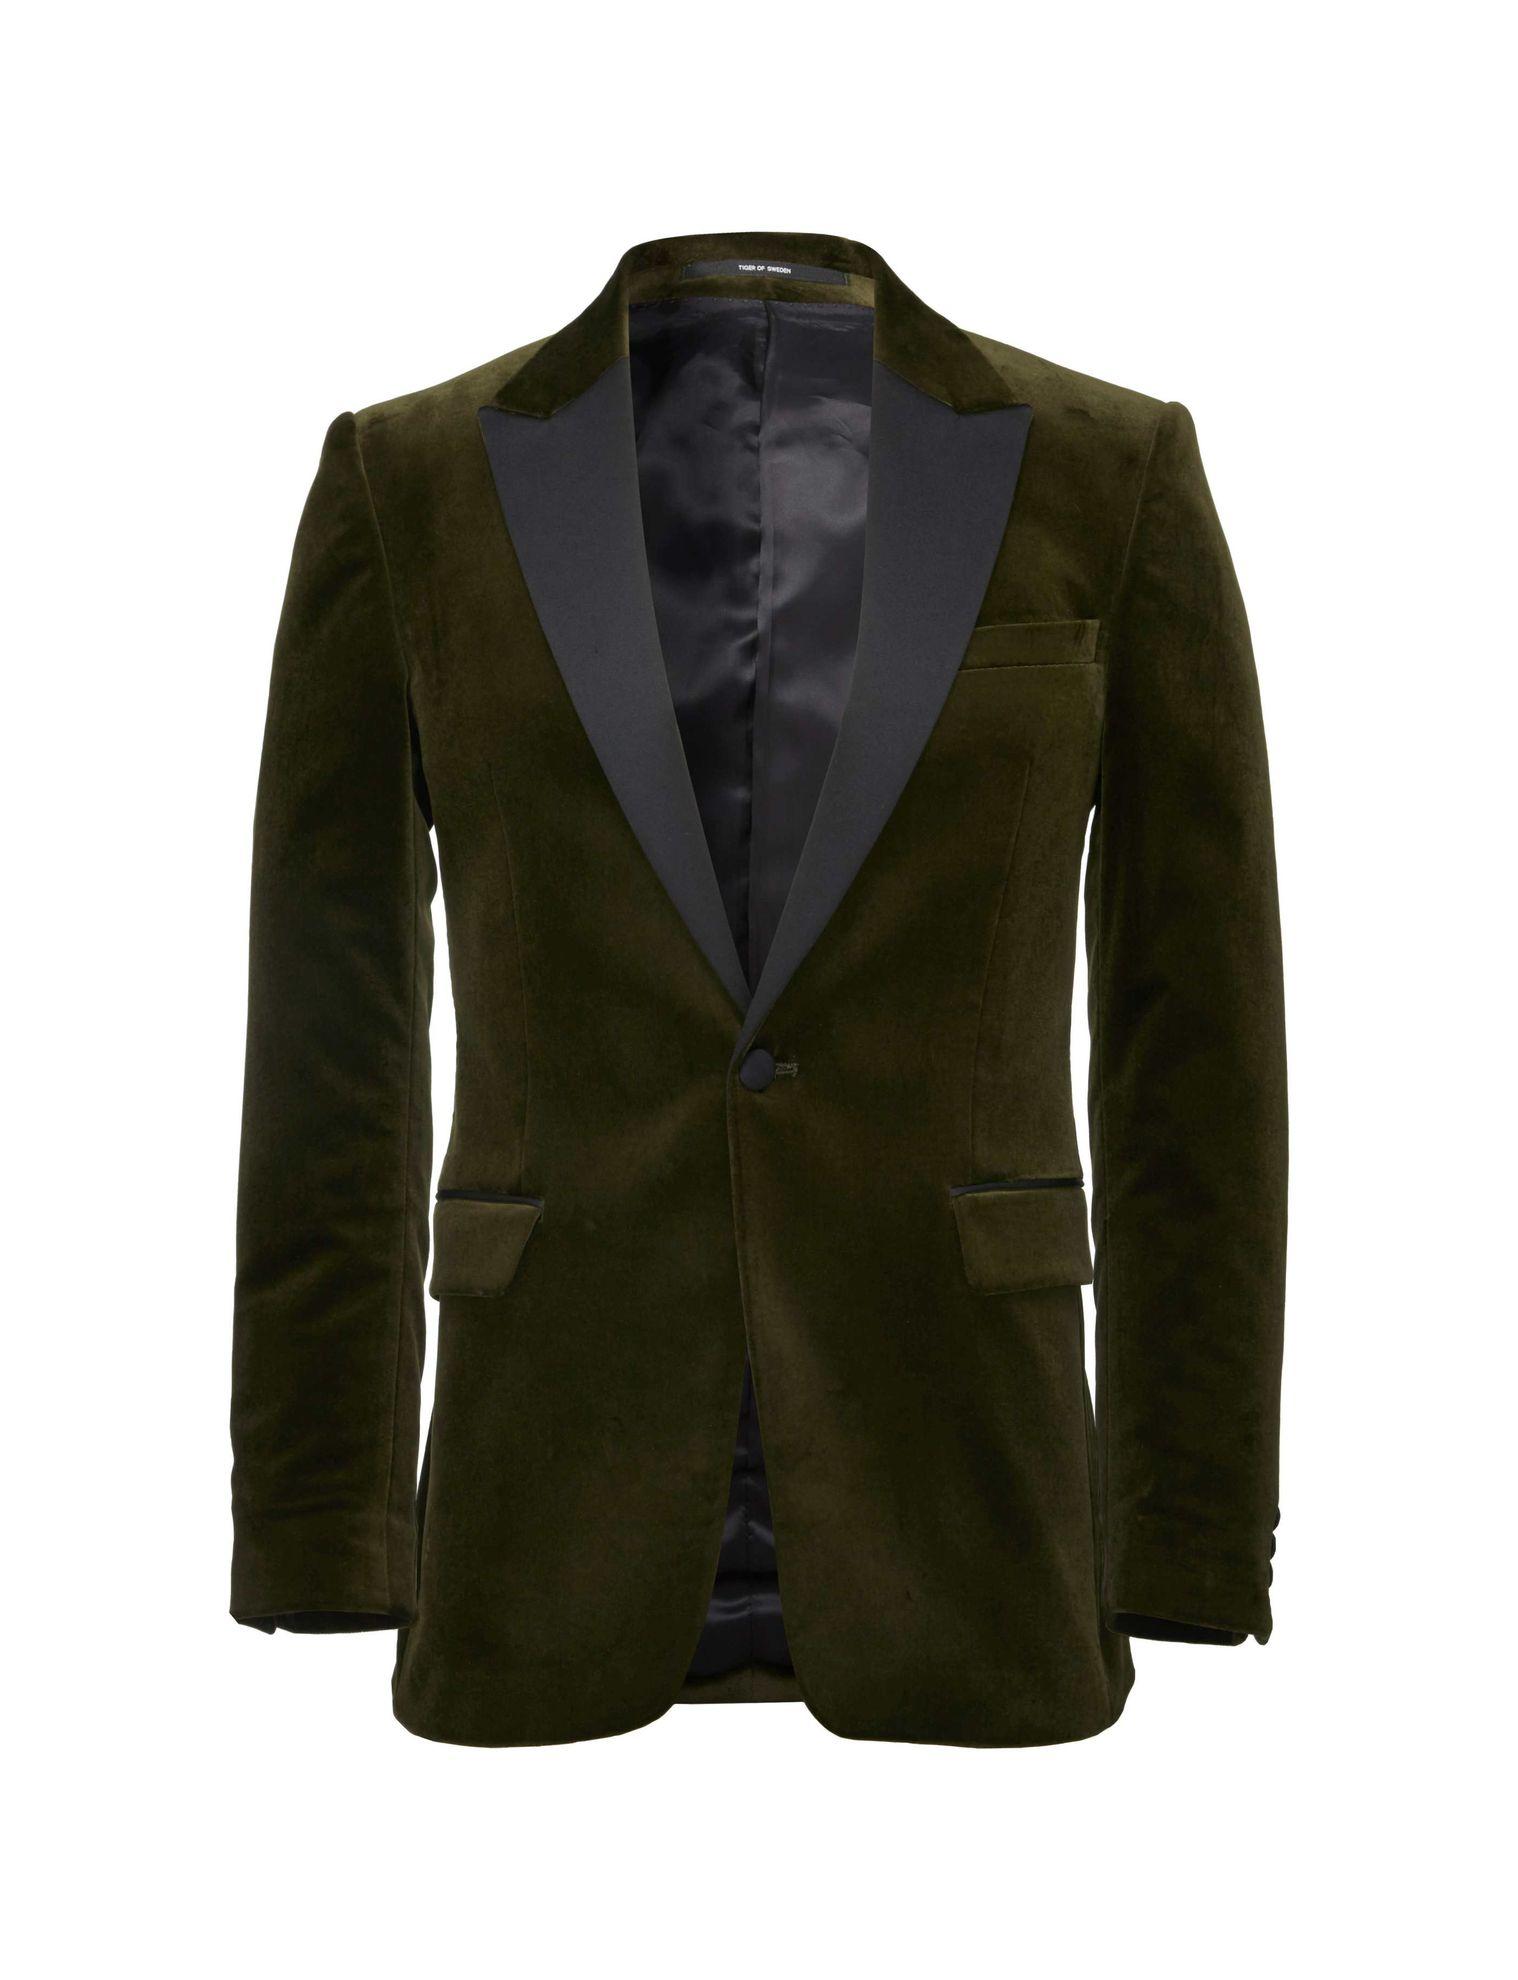 Bellar 3 Tuxedo Jacket från Tiger of Sweden nyårsfirande